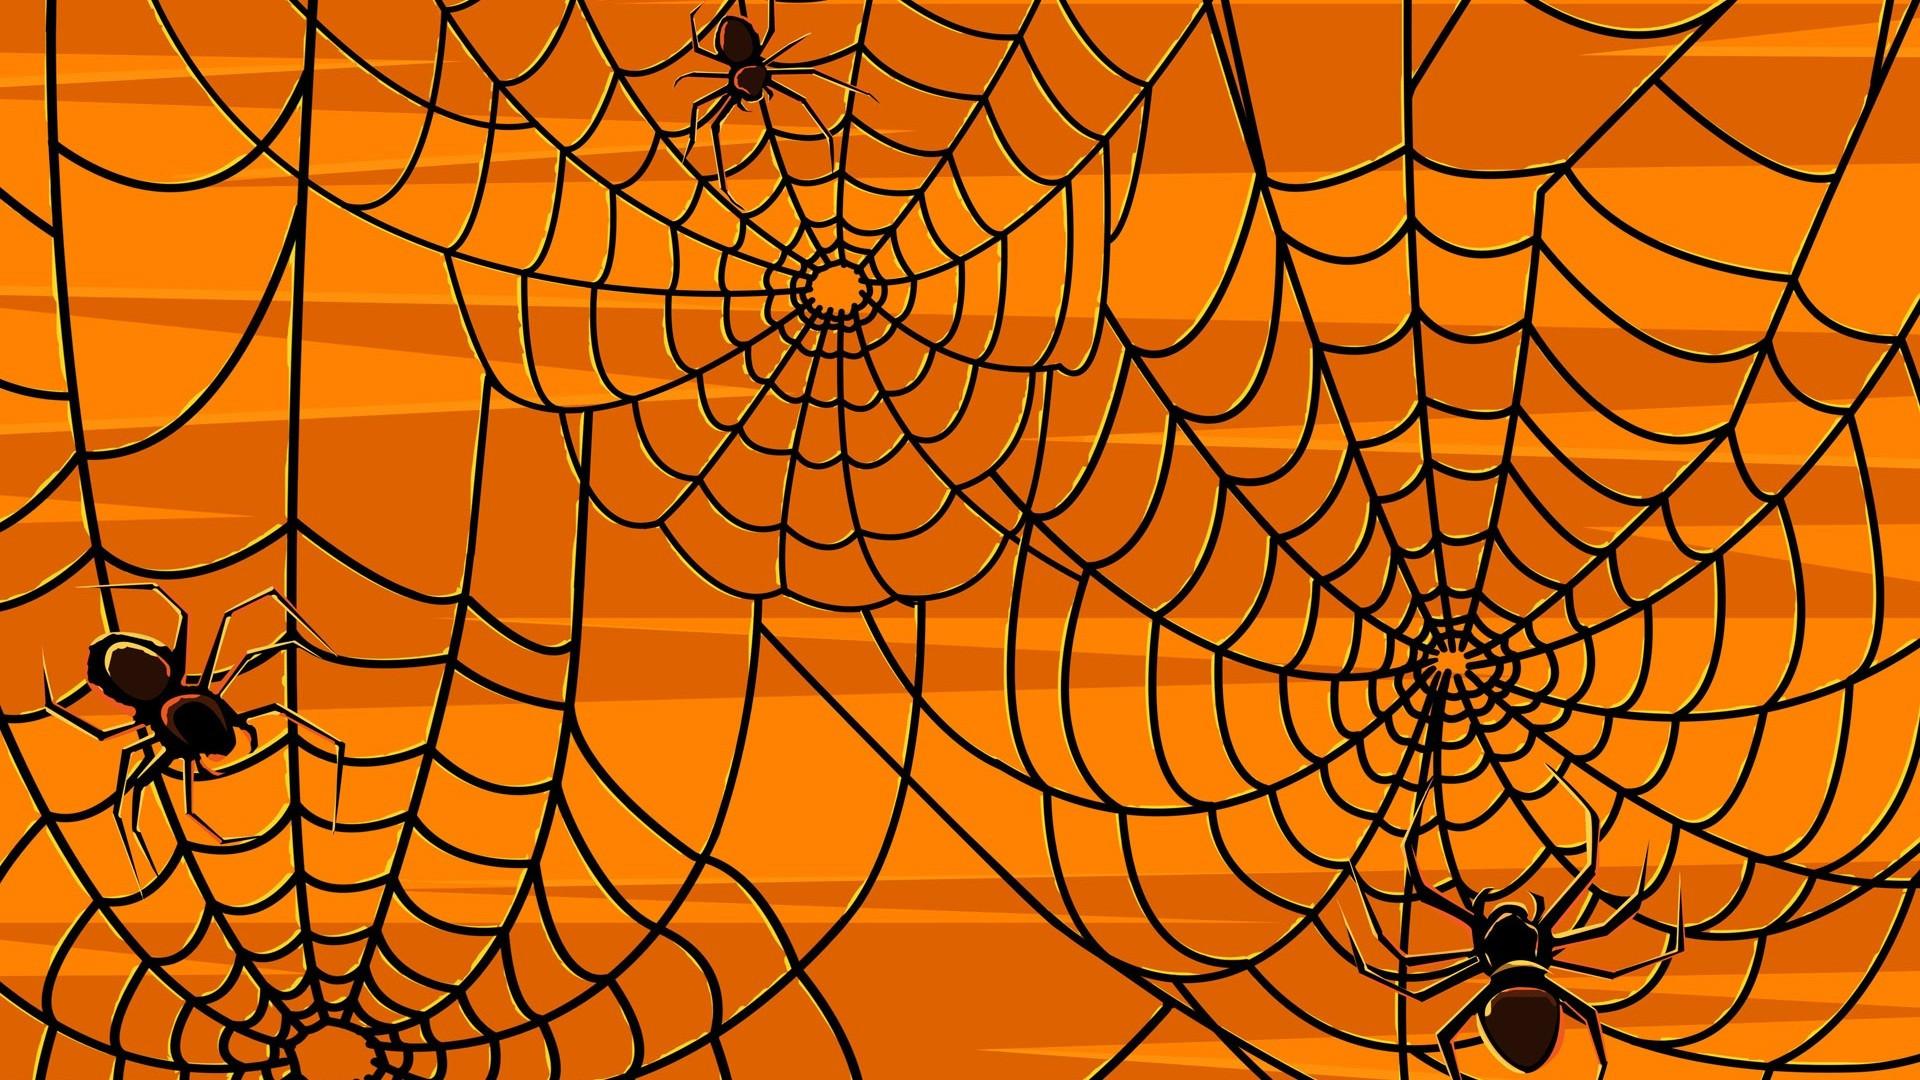 Halloween Spider Webs – Wallpaper #37575